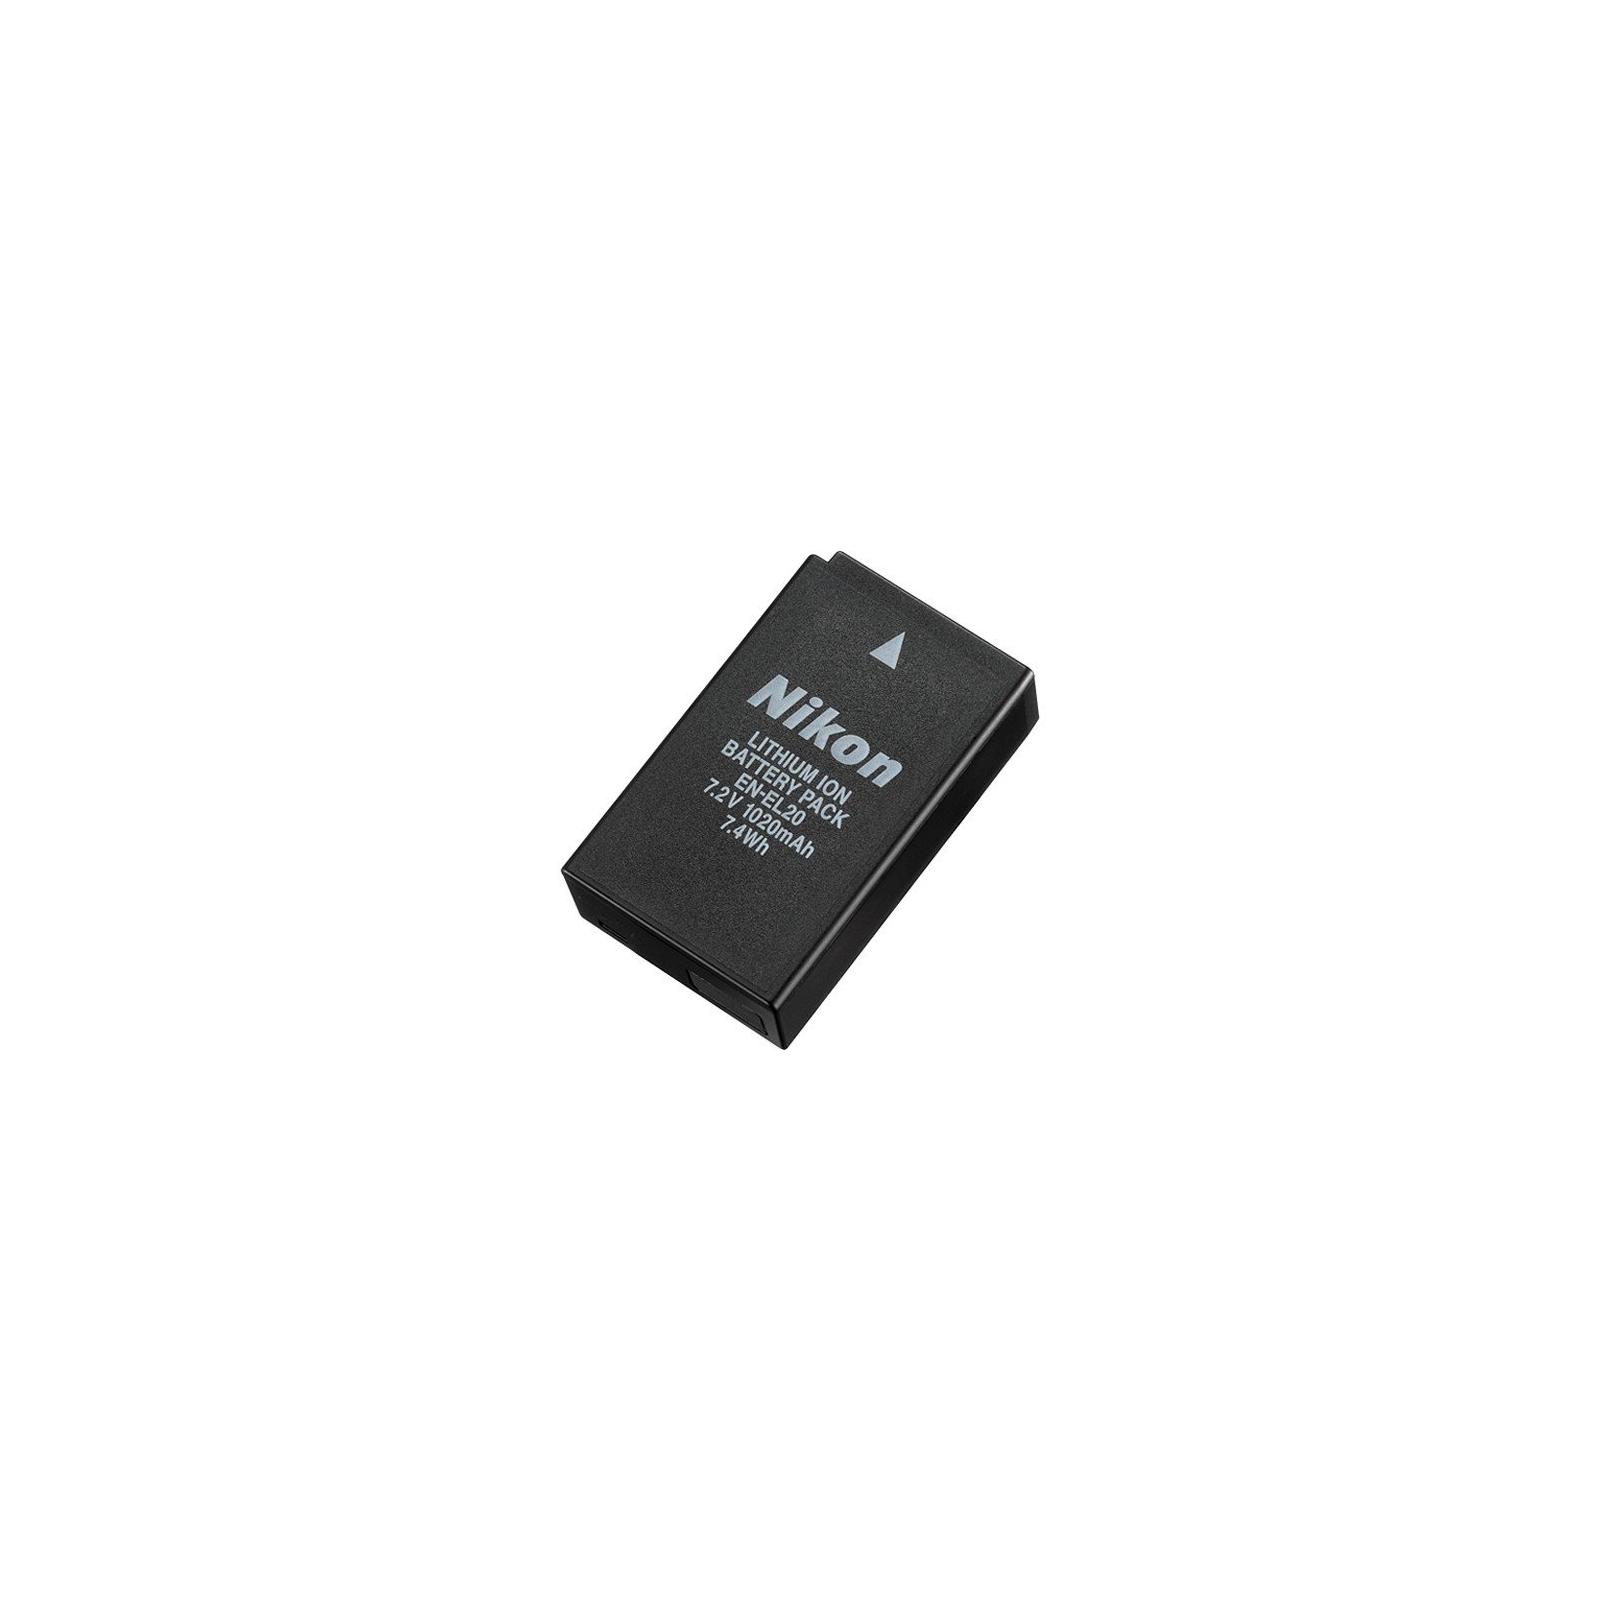 Аккумулятор к фото/видео Nikon EN-EL20 (VFB11201)